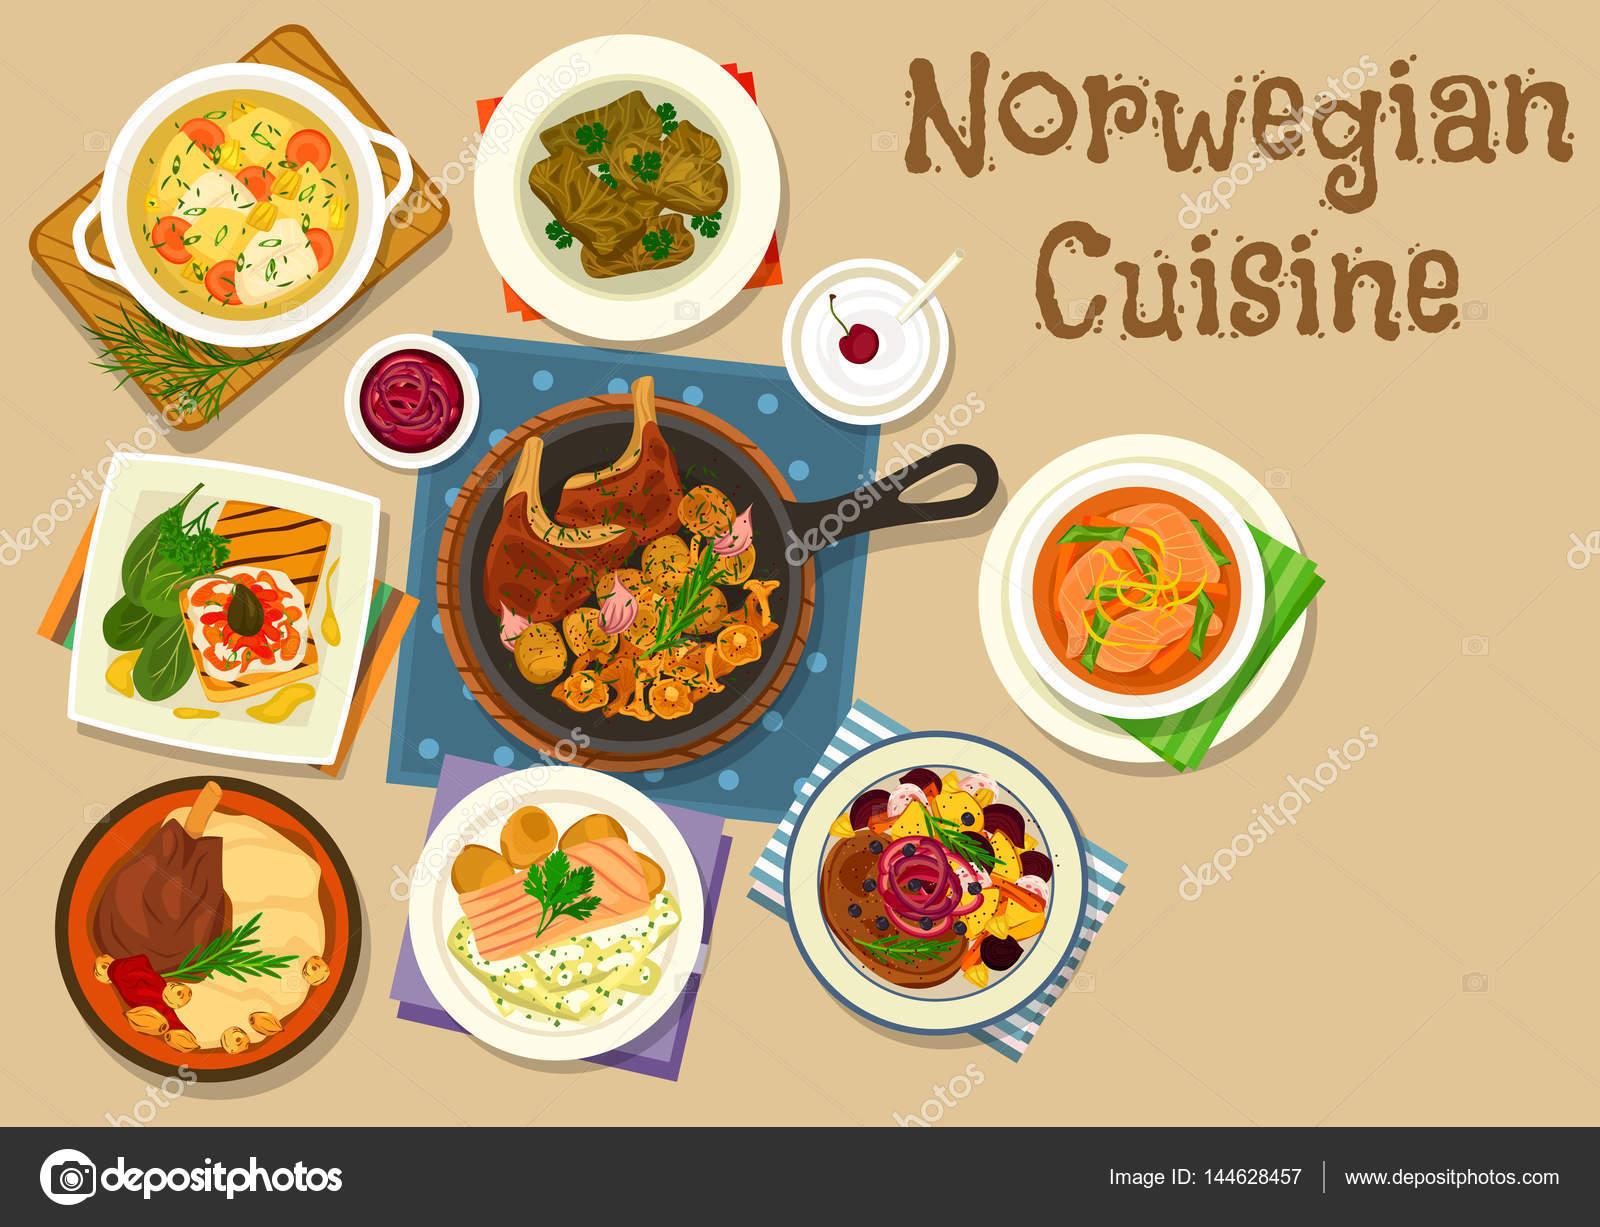 Icône De Plats Viandes Et Poissons Cuisine Norvégienne Image - Cuisine norvegienne